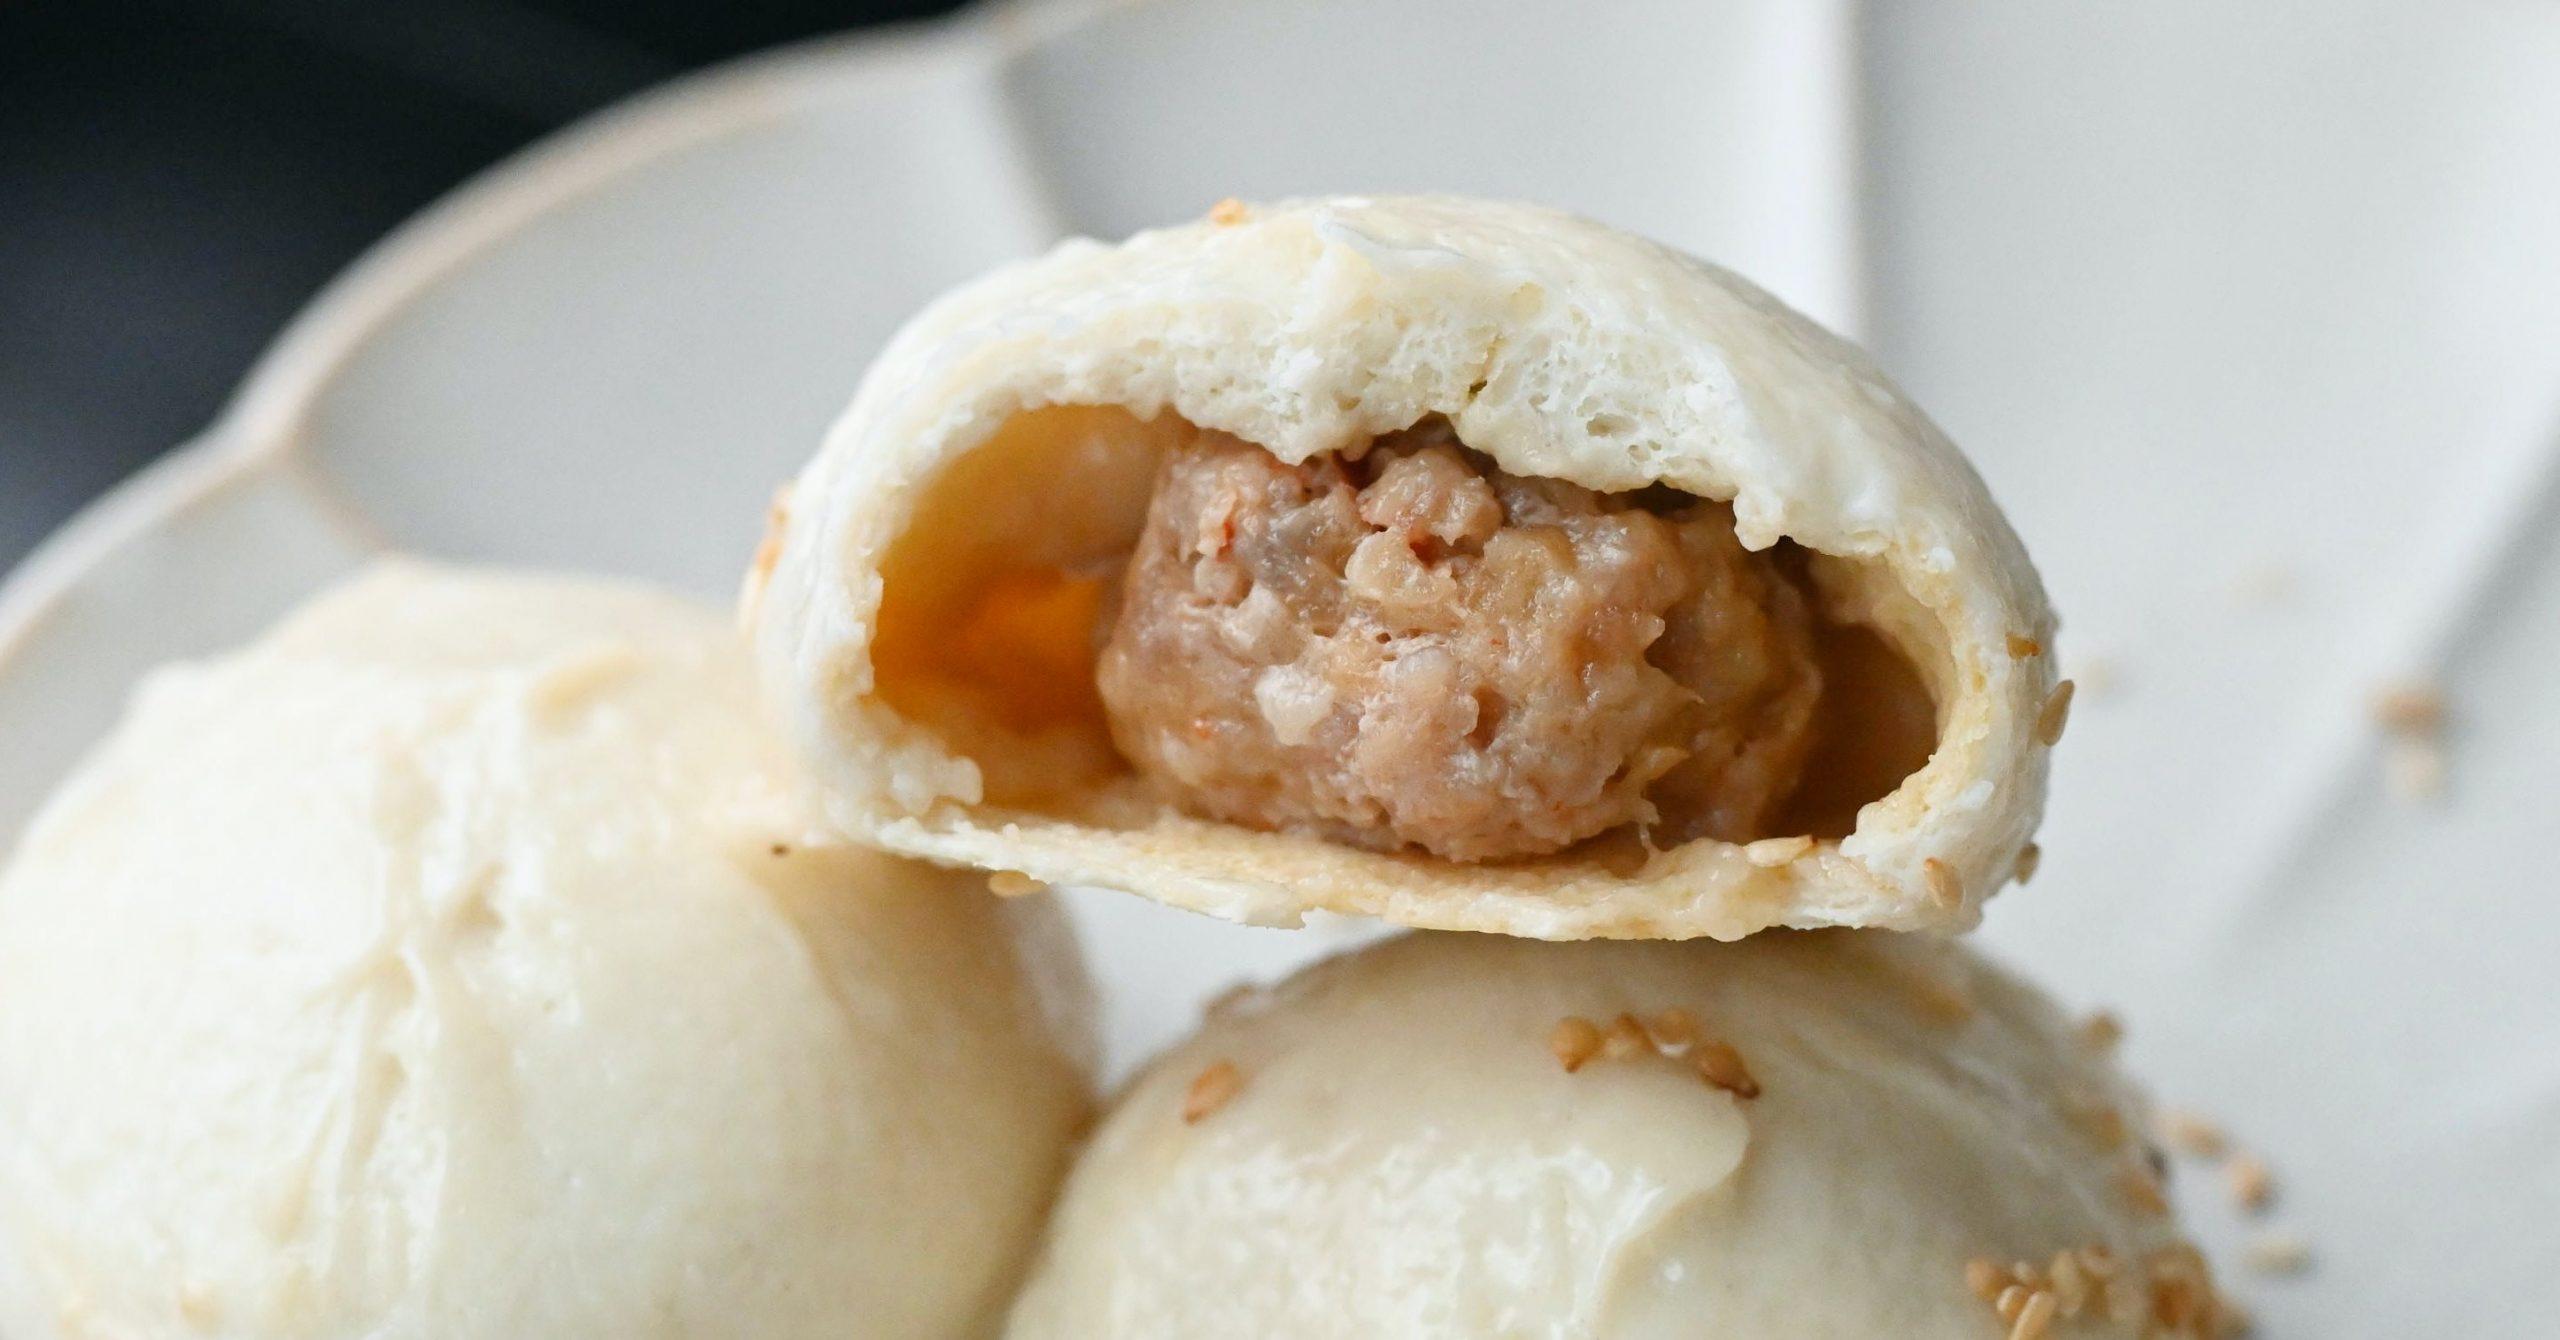 網站近期文章:【良品開飯】上海生煎包,五種生煎包都超級好吃美味